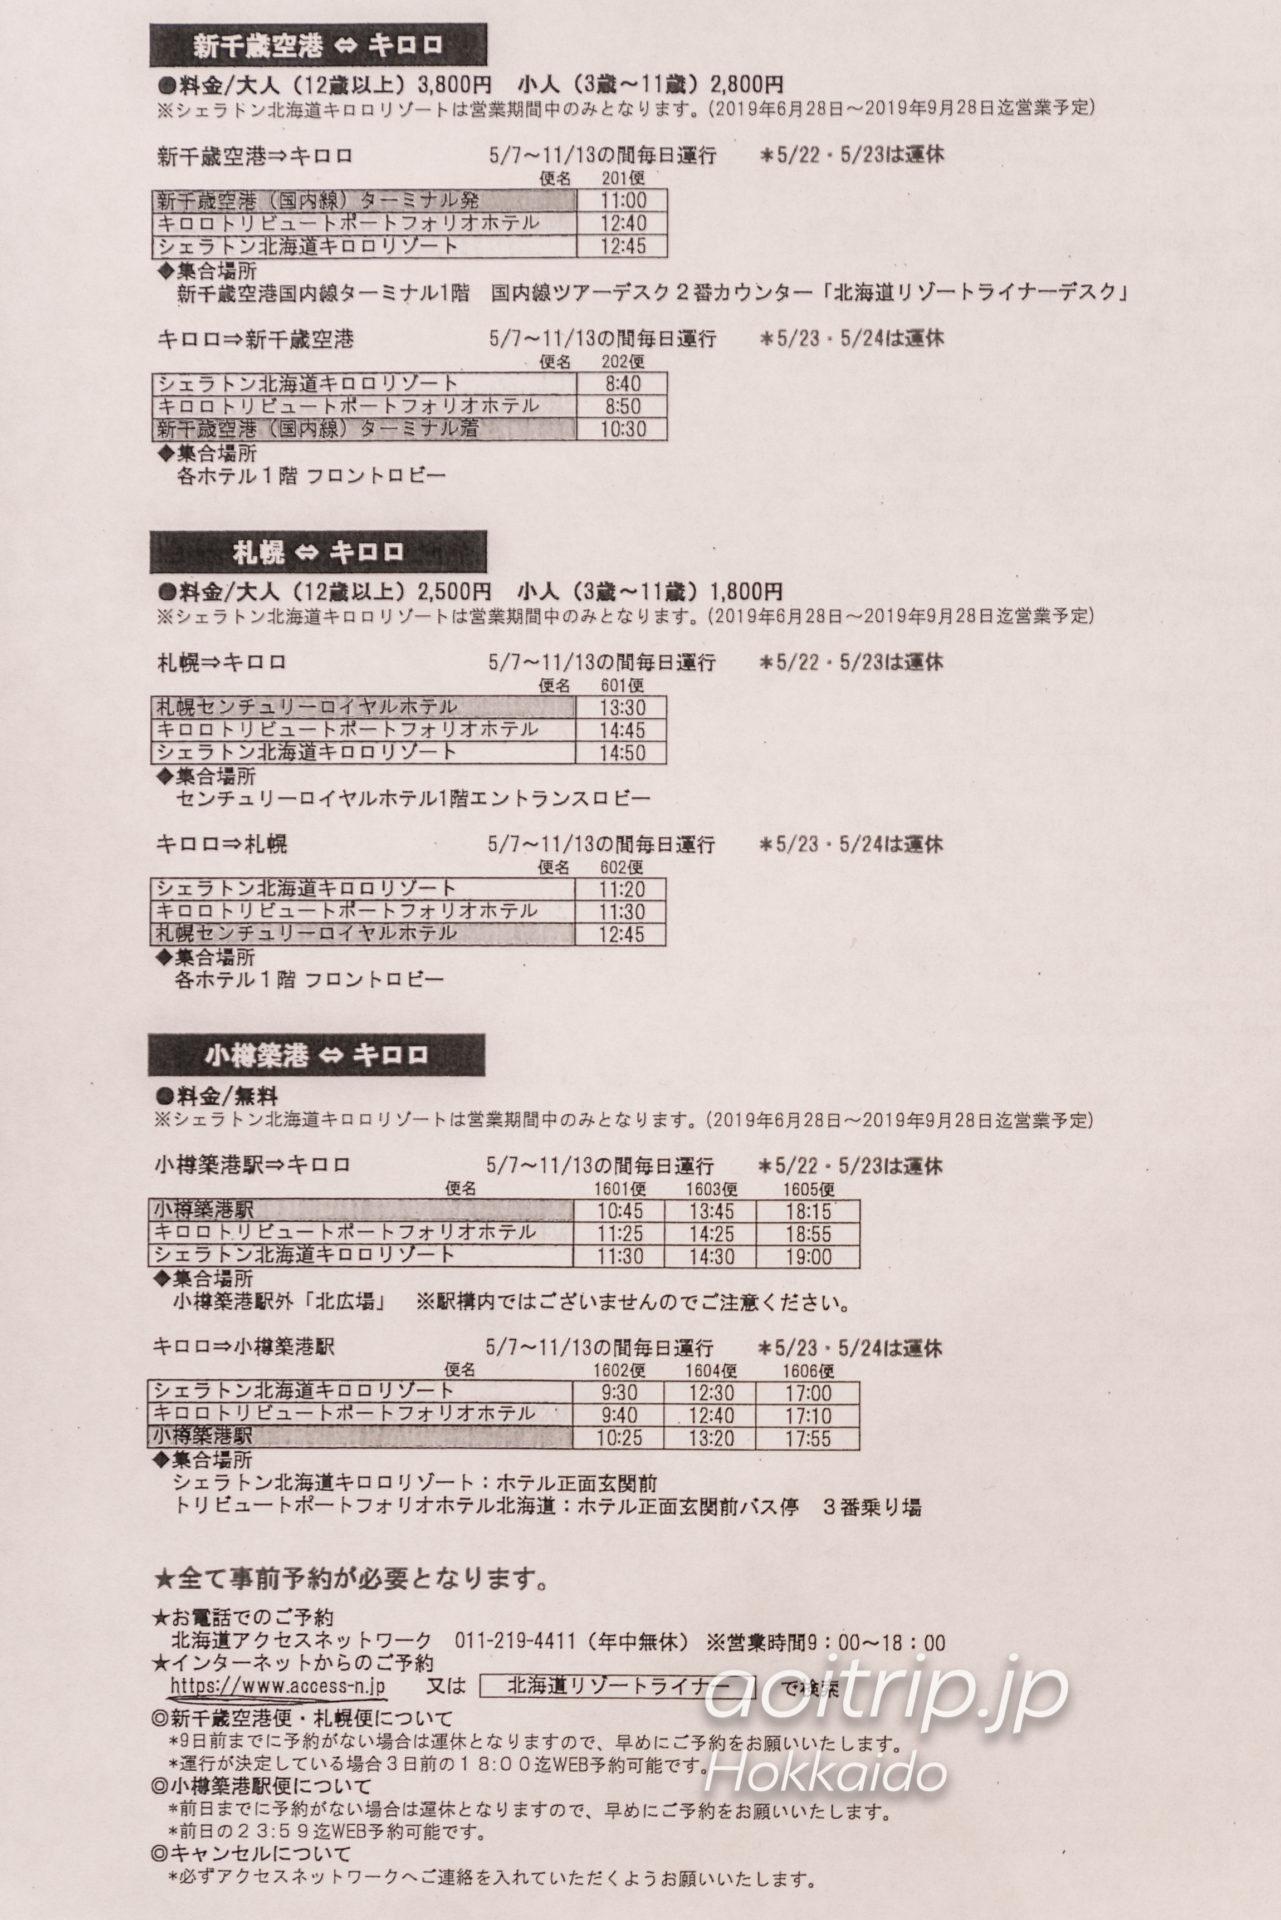 キロロ トリビュートポートフォリオホテル 北海道のバス時刻表情報